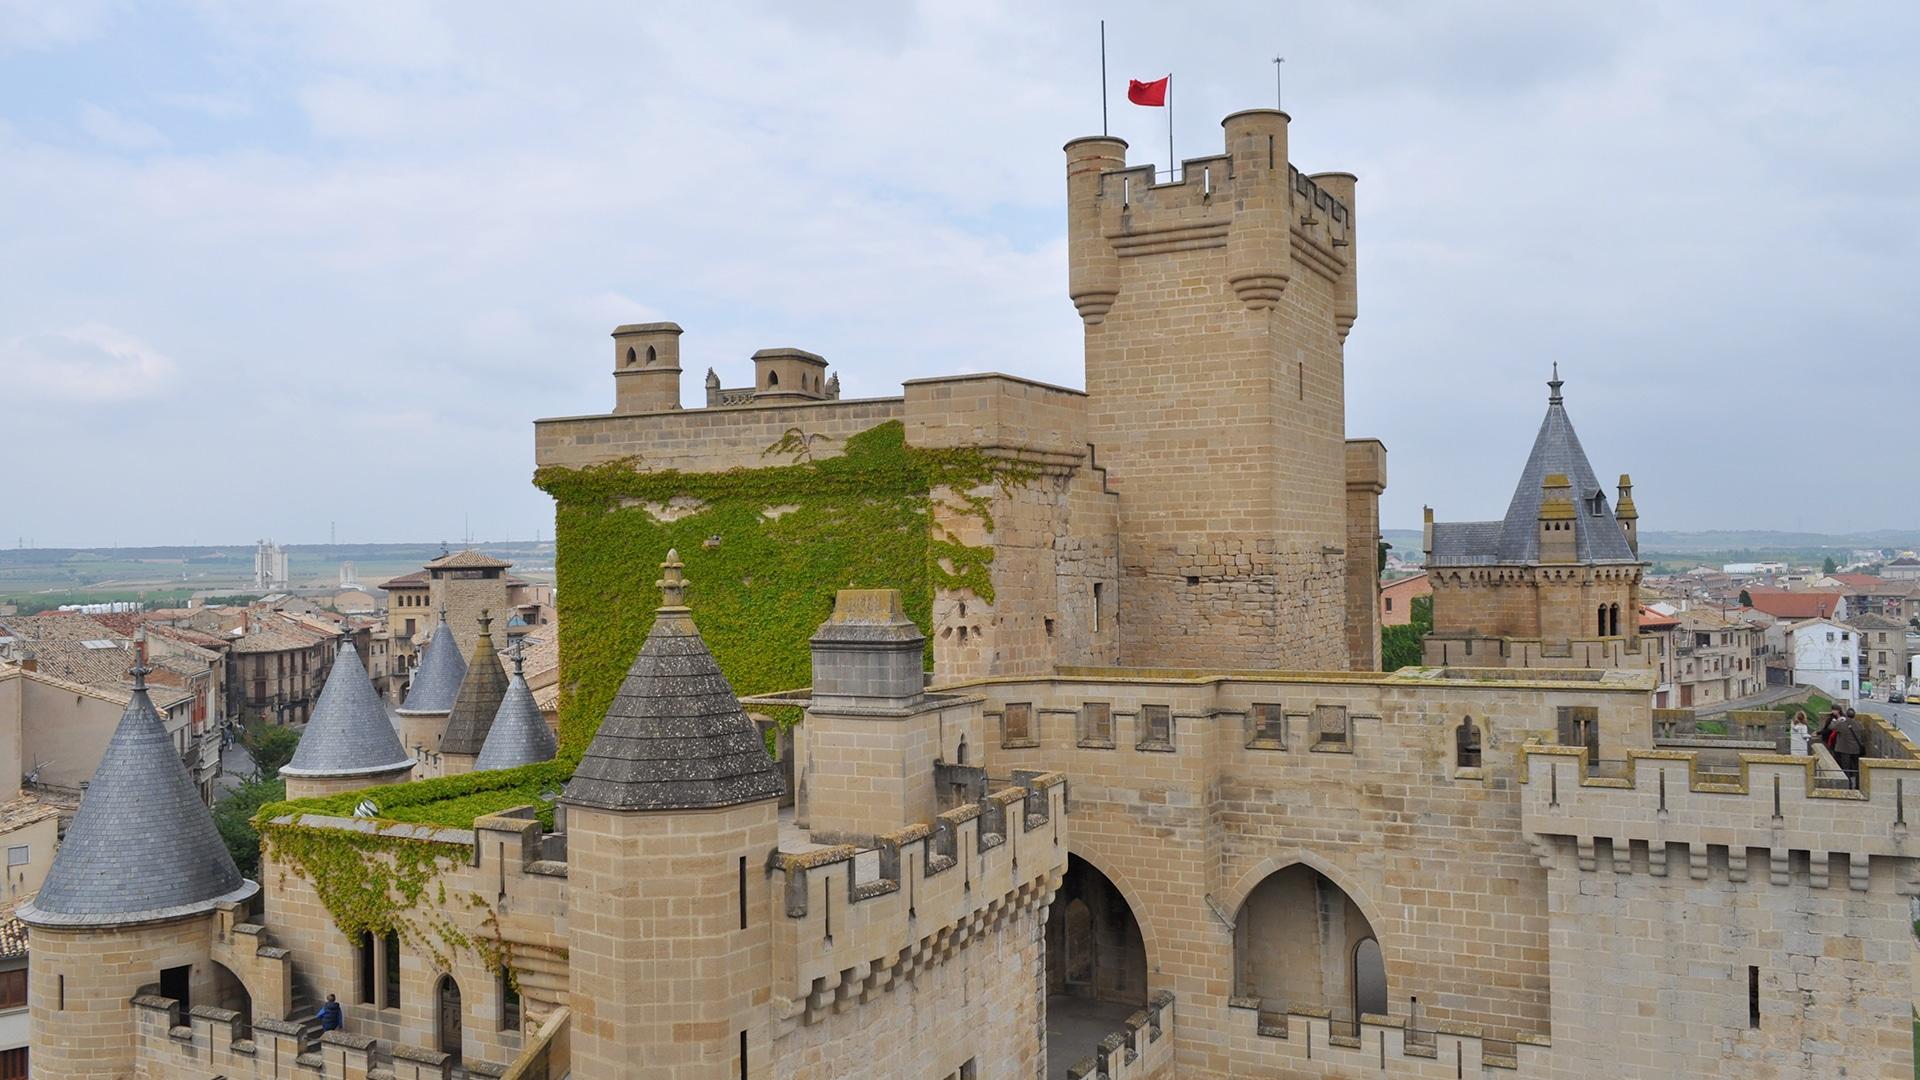 Castles_SpainInside_Olite